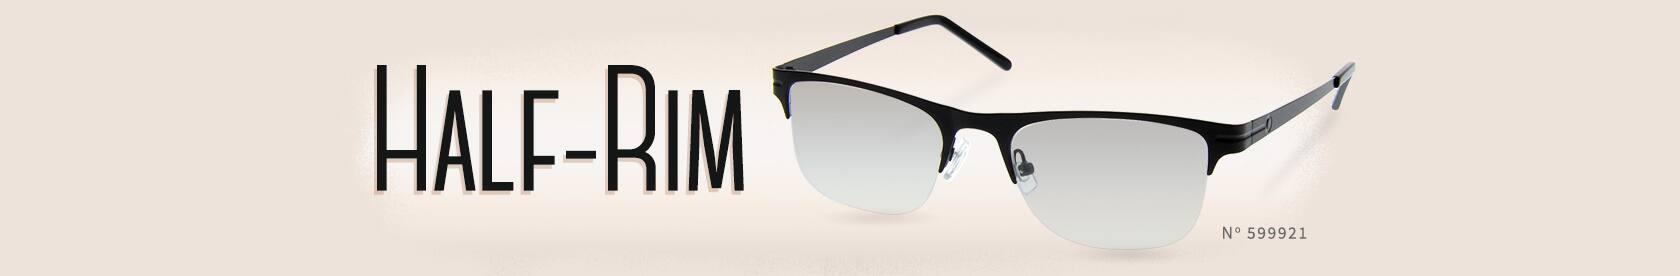 Half-Rim, frame #599921